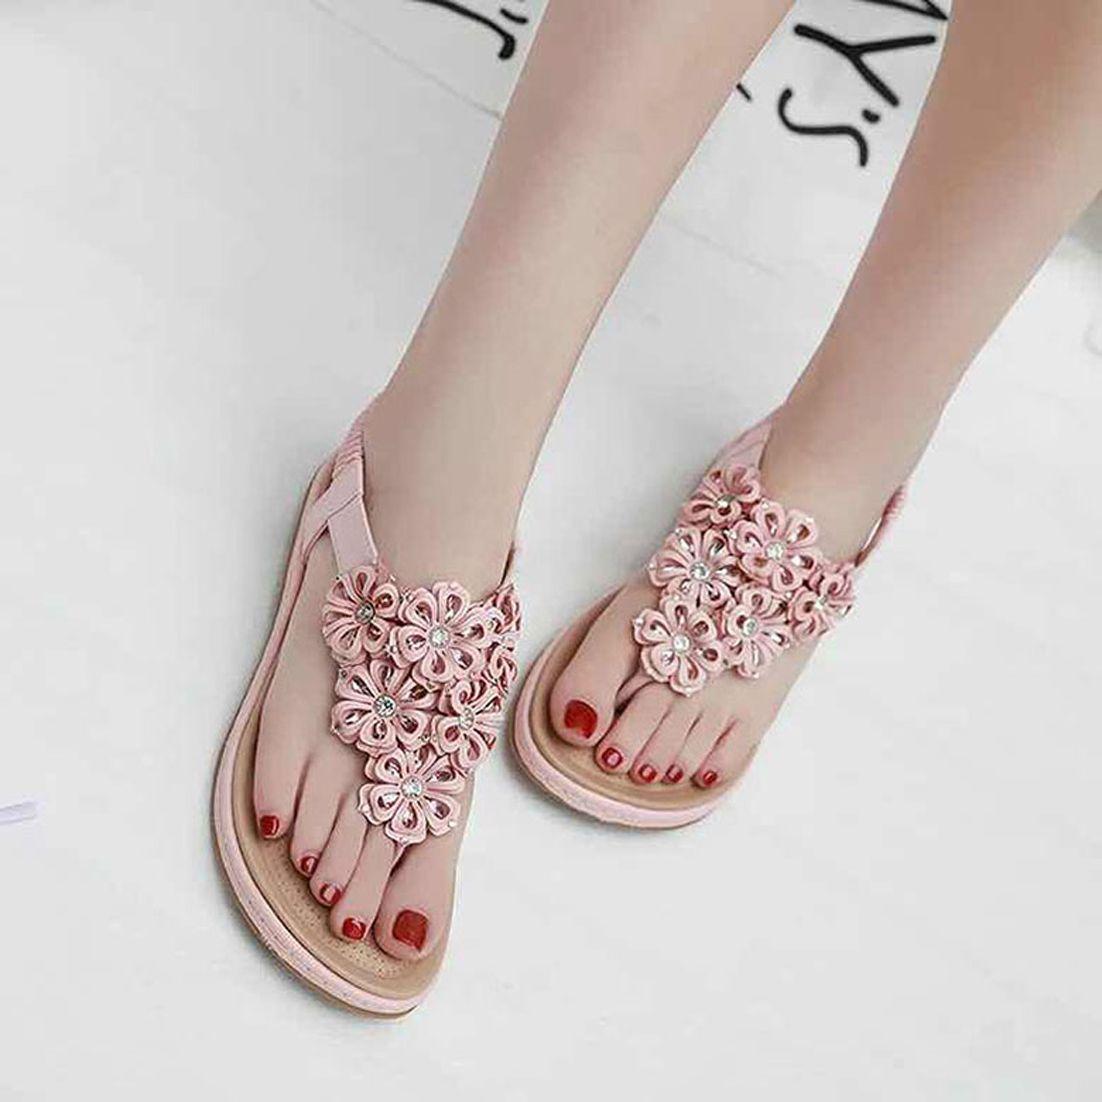 2020 luxe magie bâton blanc cowskin vrai noir sandales concepteur de plate-forme en cuir femmes chaussures de mode taille 35-41 tradingbear 11P483